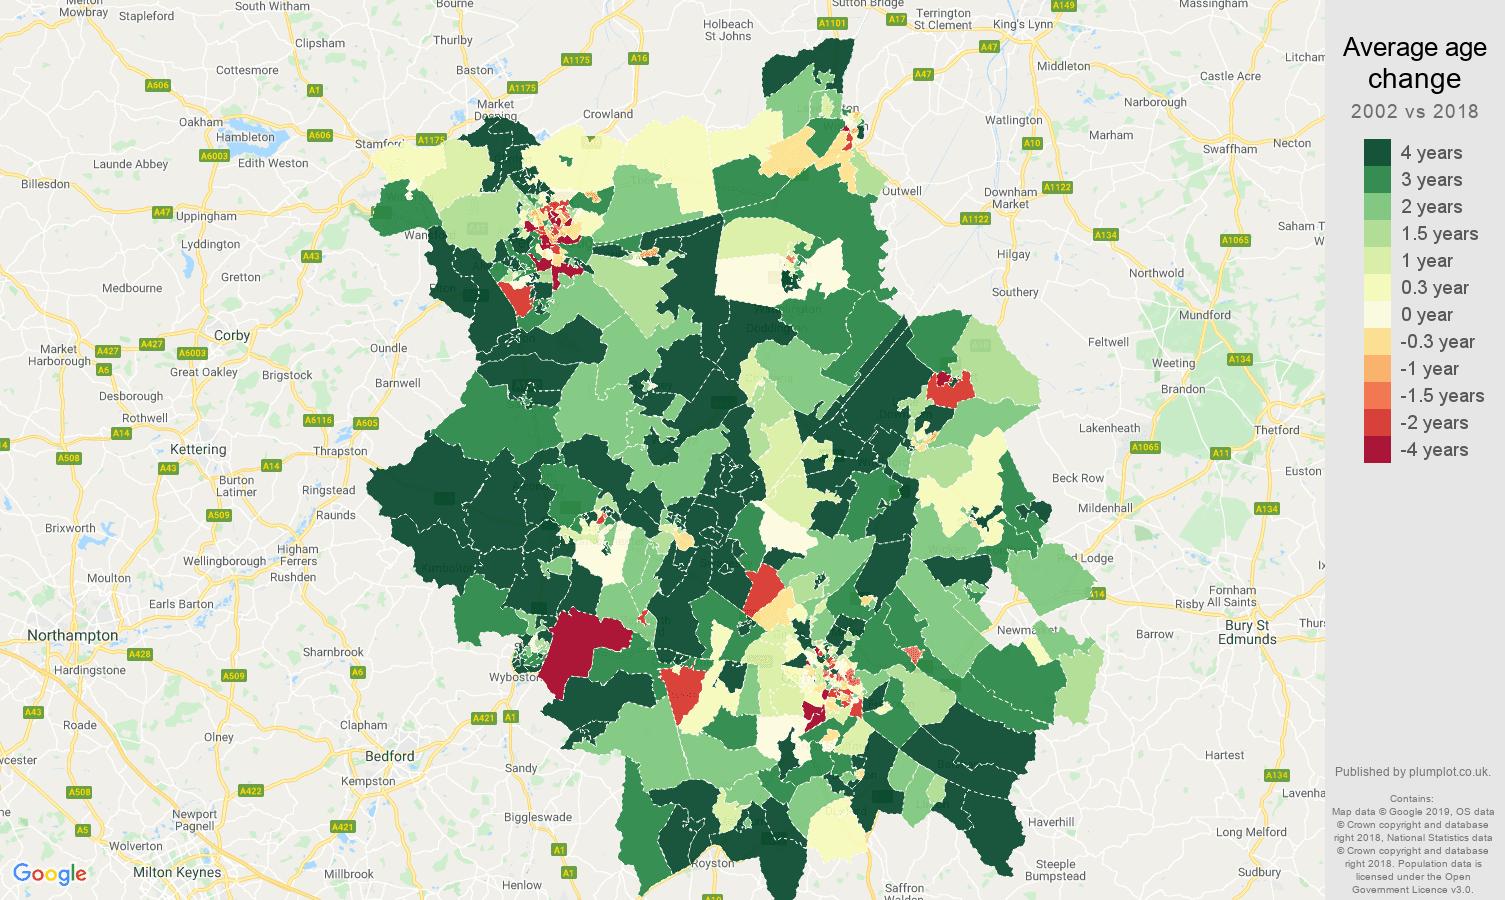 Cambridgeshire average age change map